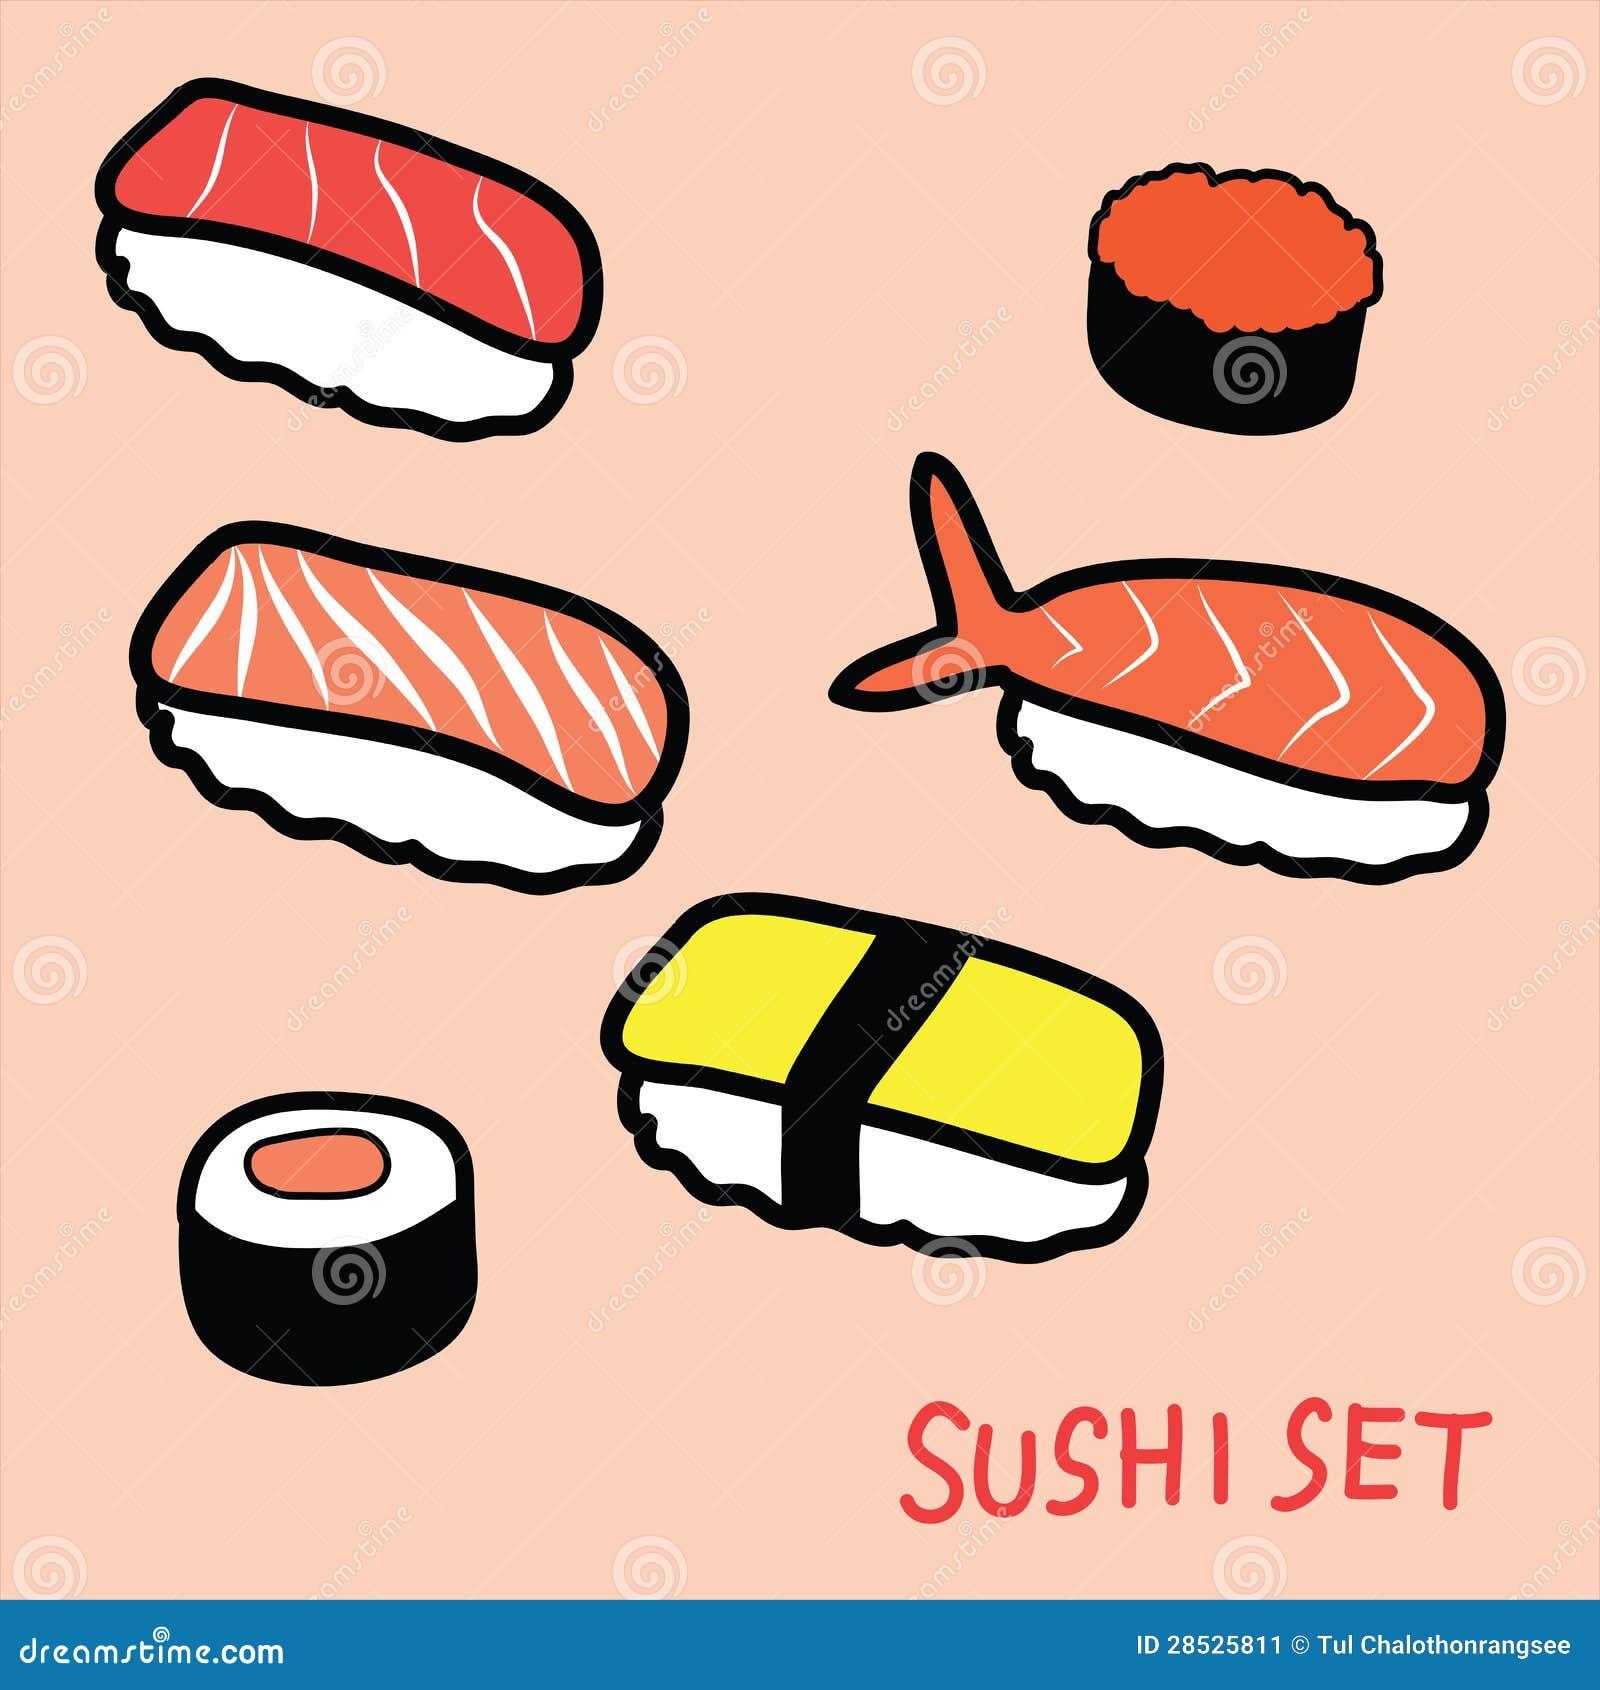 sushi set doodle stock image   image 28525811